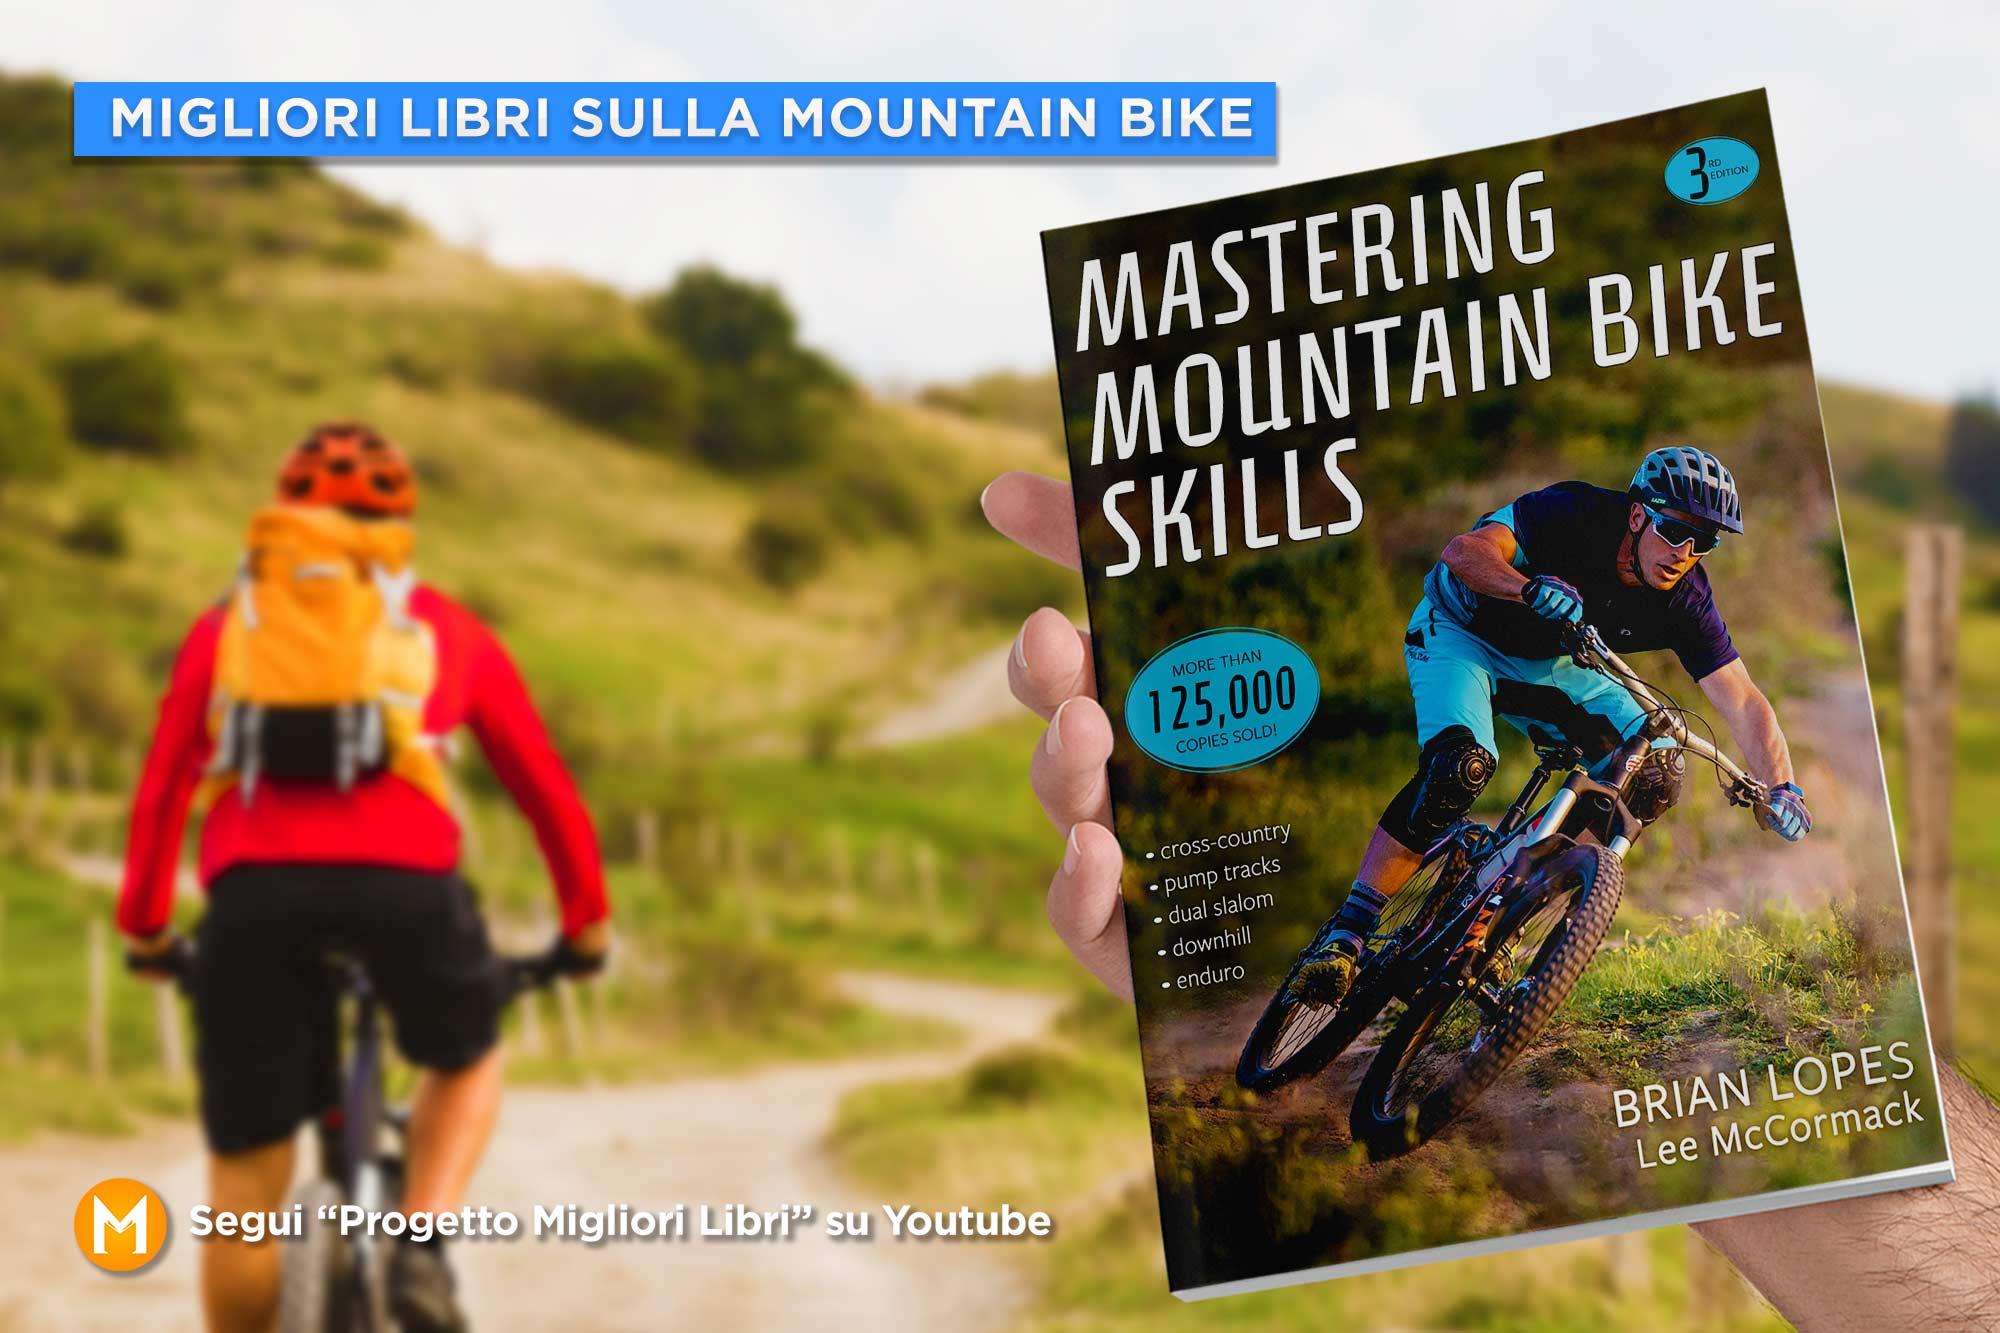 migliori-libri-sulla-mountain-bike